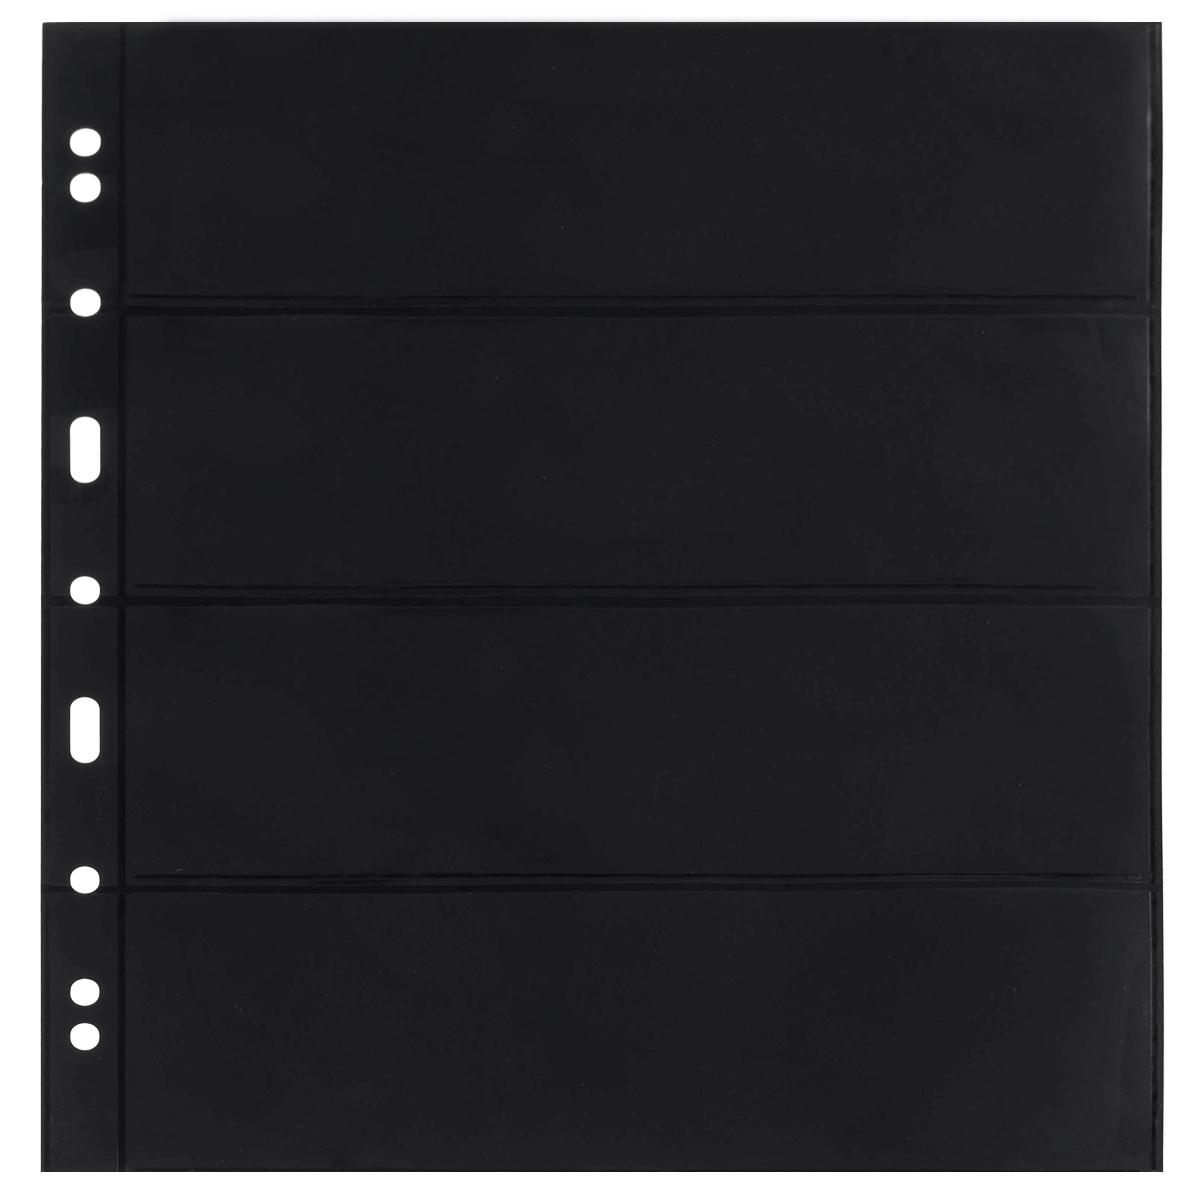 Лист в альбом Grande 4S для бон, на 4 ячейки. Leuchtturm. 312682 (10 листов в упаковке)312682Характеристики: Размер листа: 31,2 см х 24 см Размер ячейки: 21,6 см x 7,2 см Количество листов в упаковке: 10